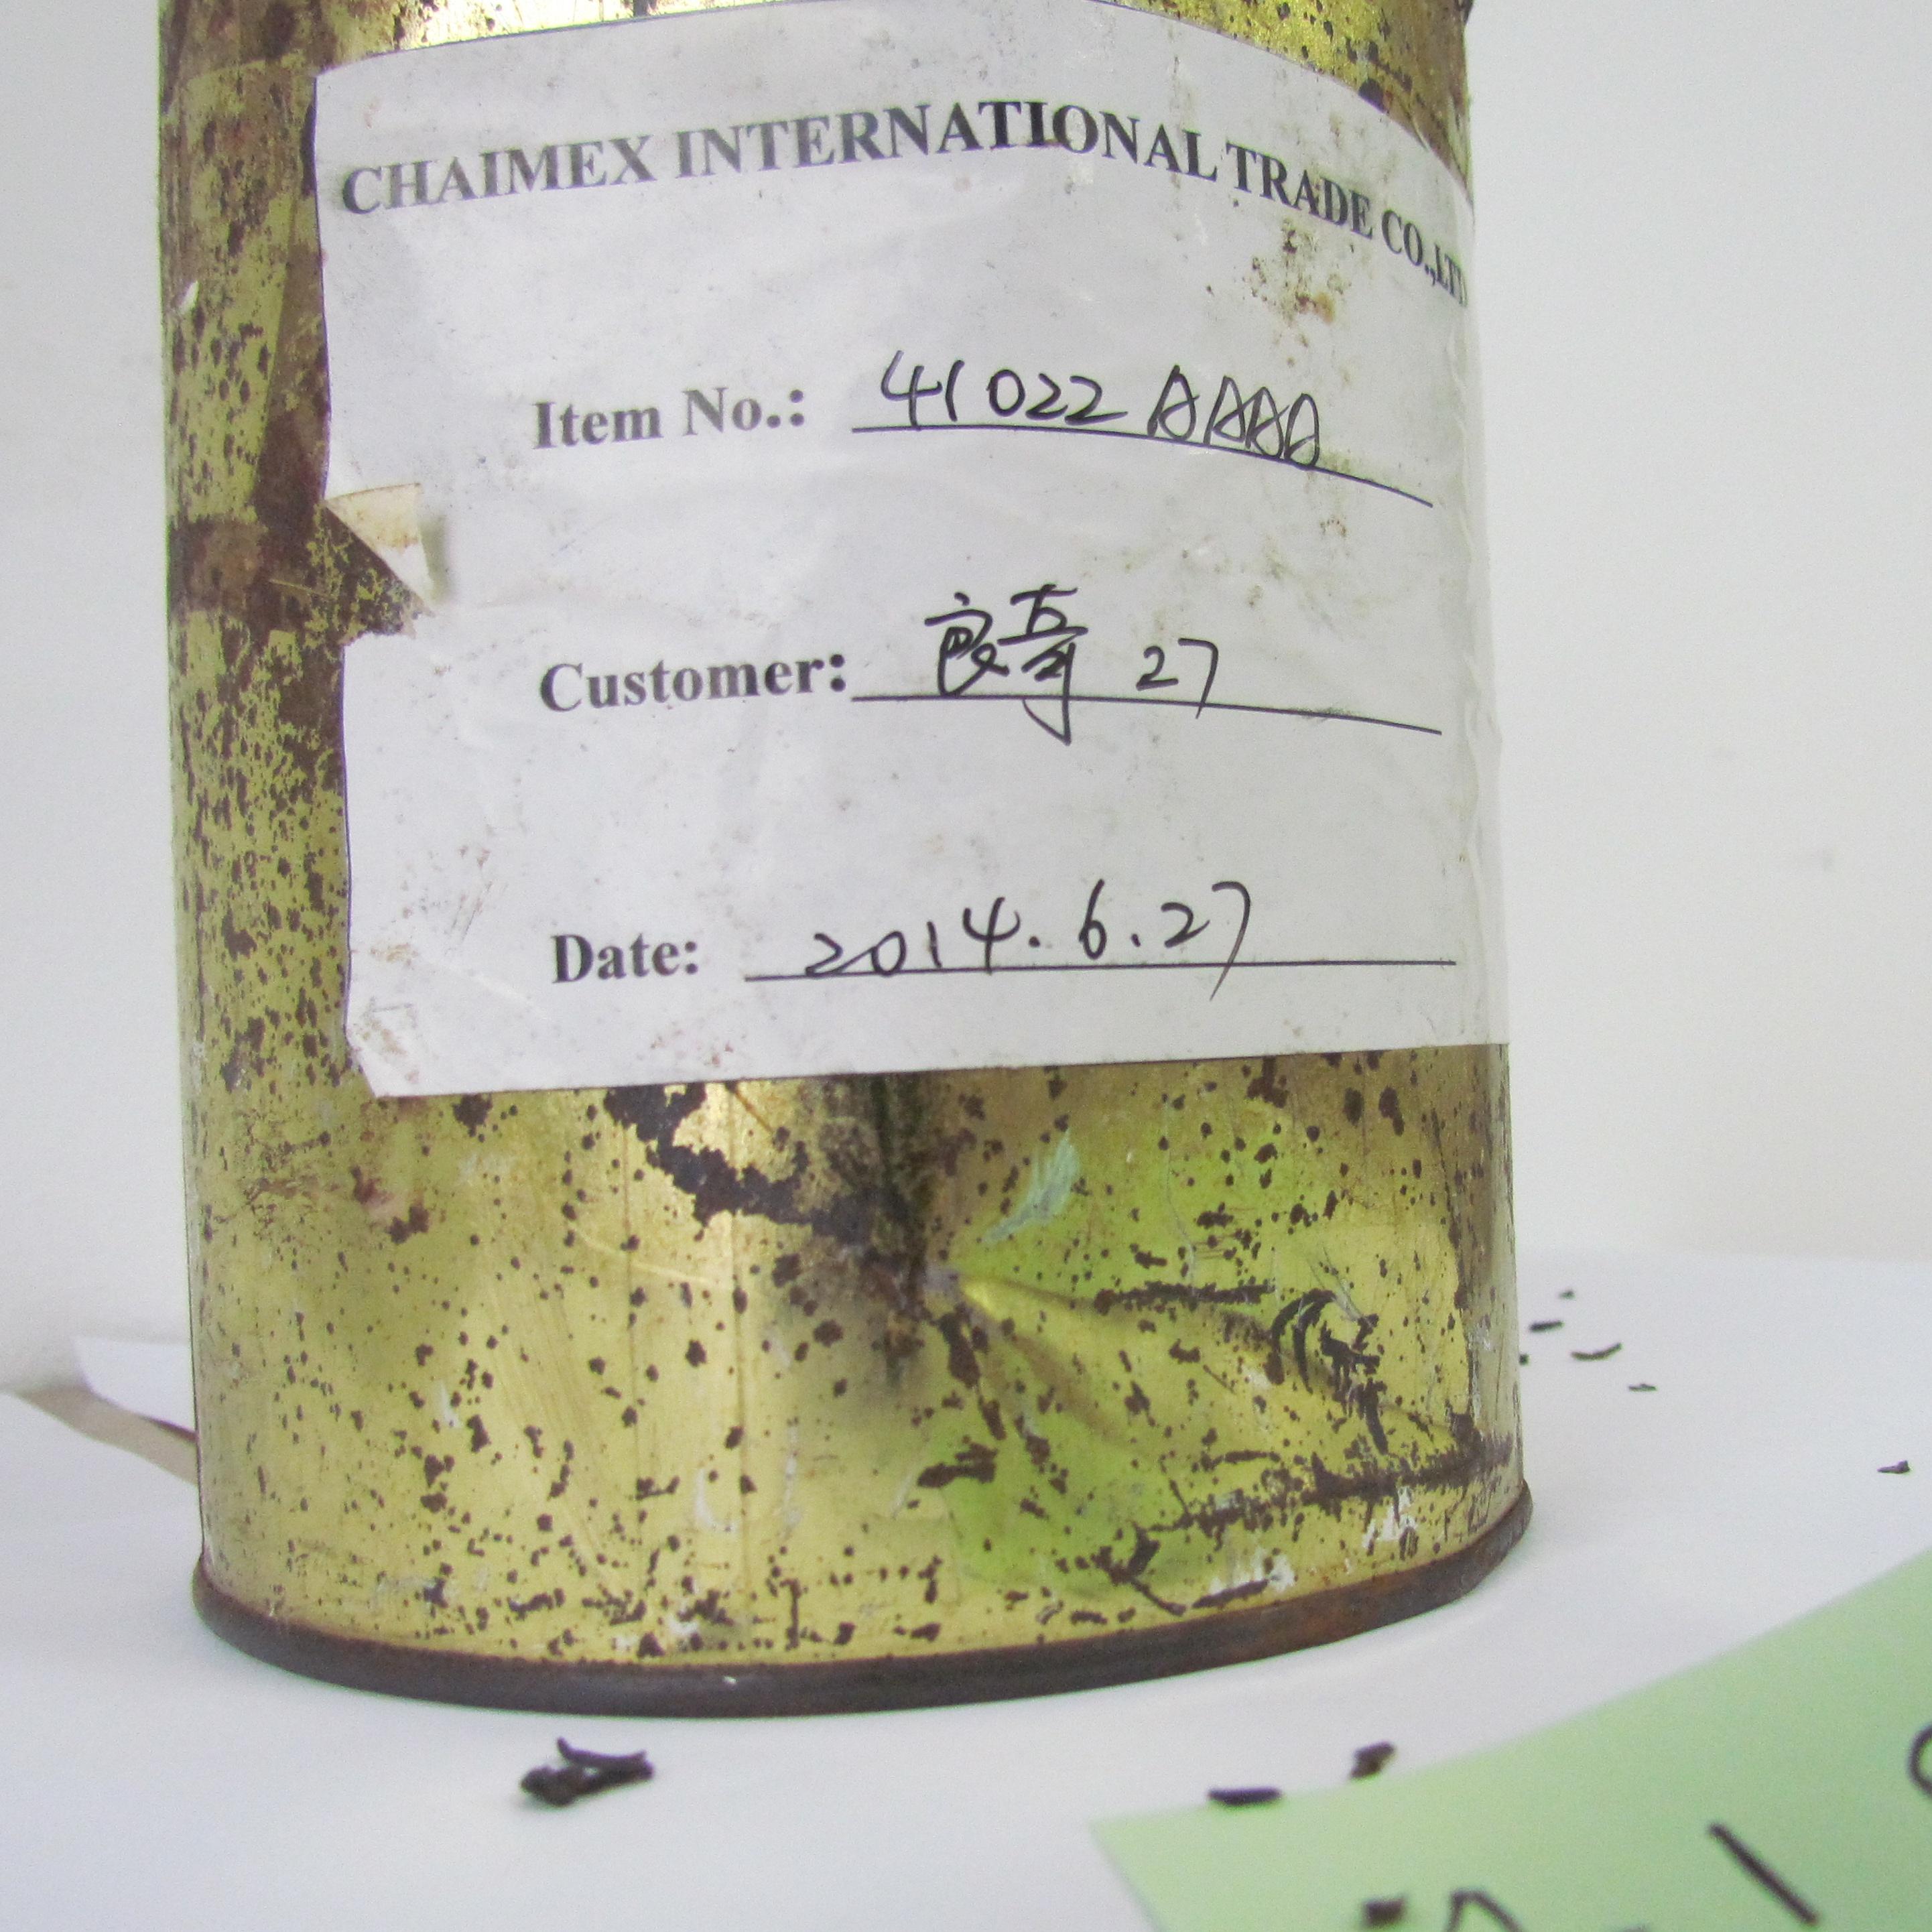 41022AAAAA tea branda chunmee green tea FOR maroc mali - 4uTea   4uTea.com